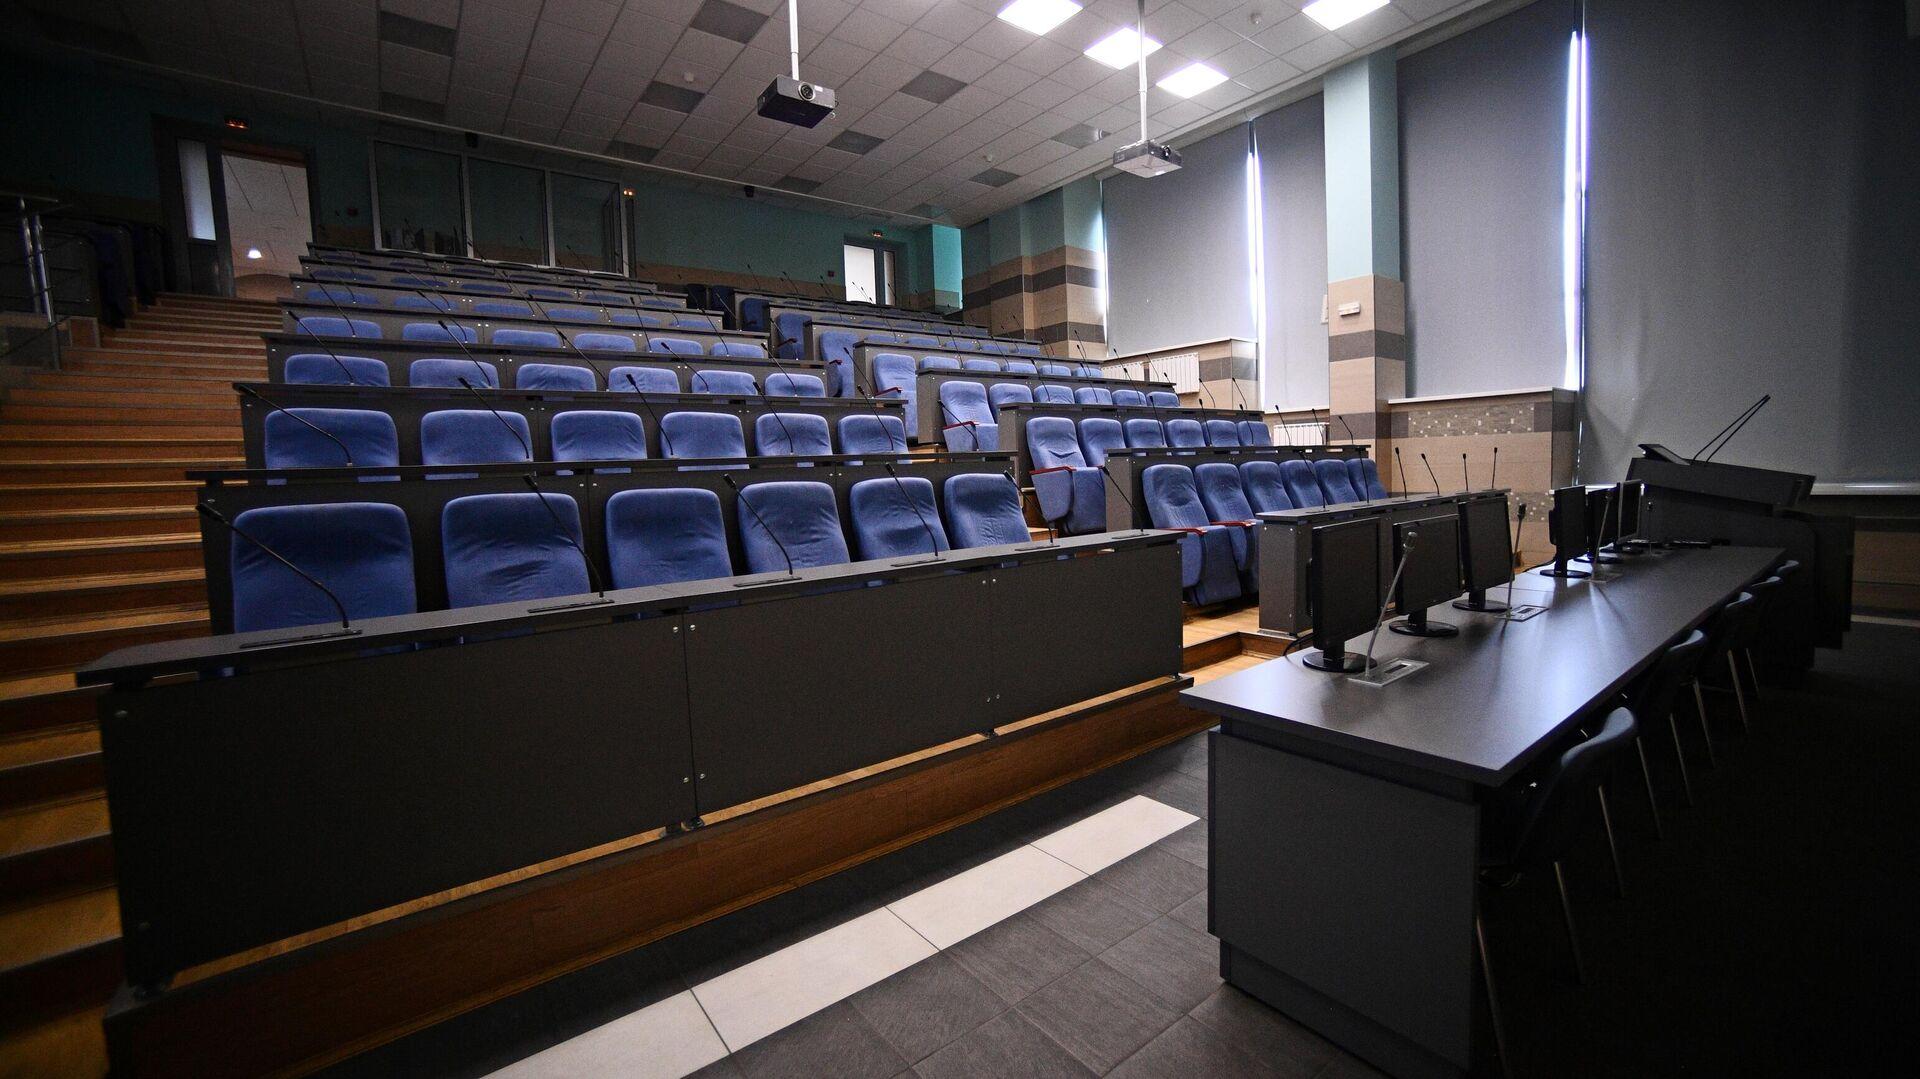 Пустая аудитория Национального исследовательского технологического университета МИСиС - РИА Новости, 1920, 11.11.2020